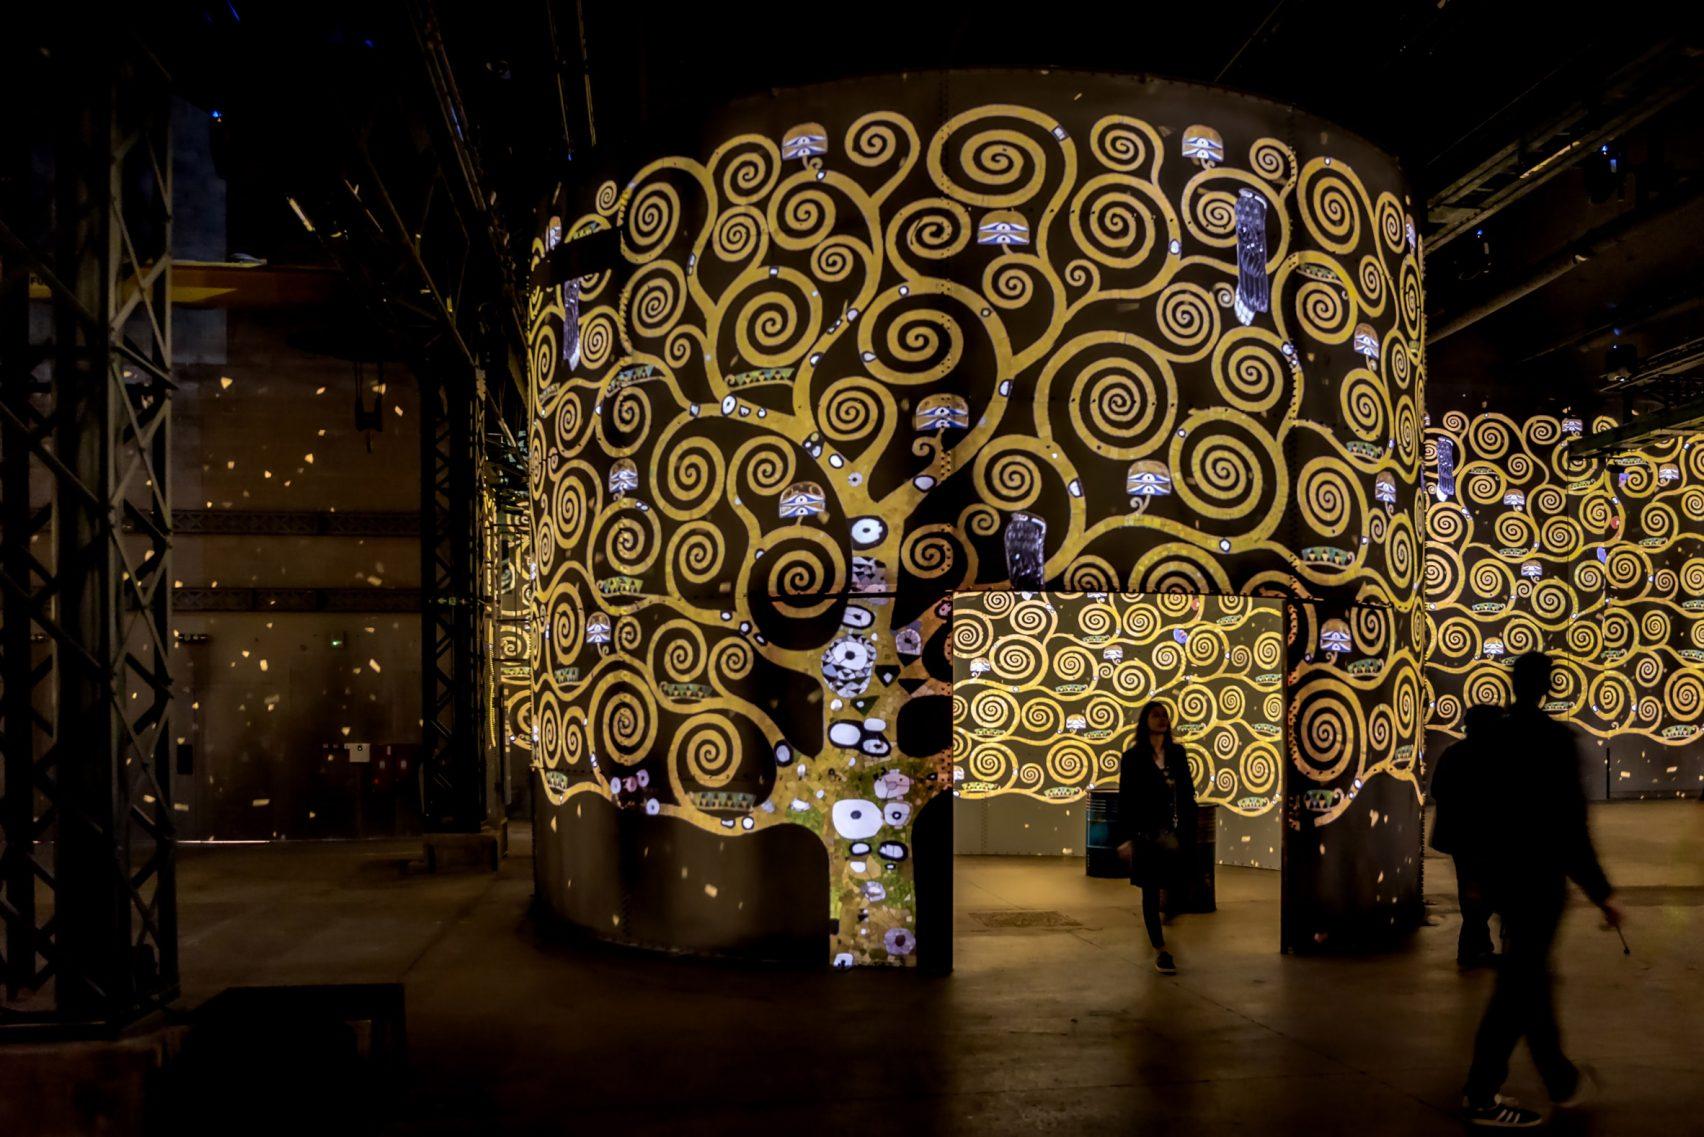 paris atelier lights digital fine art museum design dezeen 2364 col 12 1704x1137 - L'Atelier des Lumières: une révolution scénographique 2.0 ?